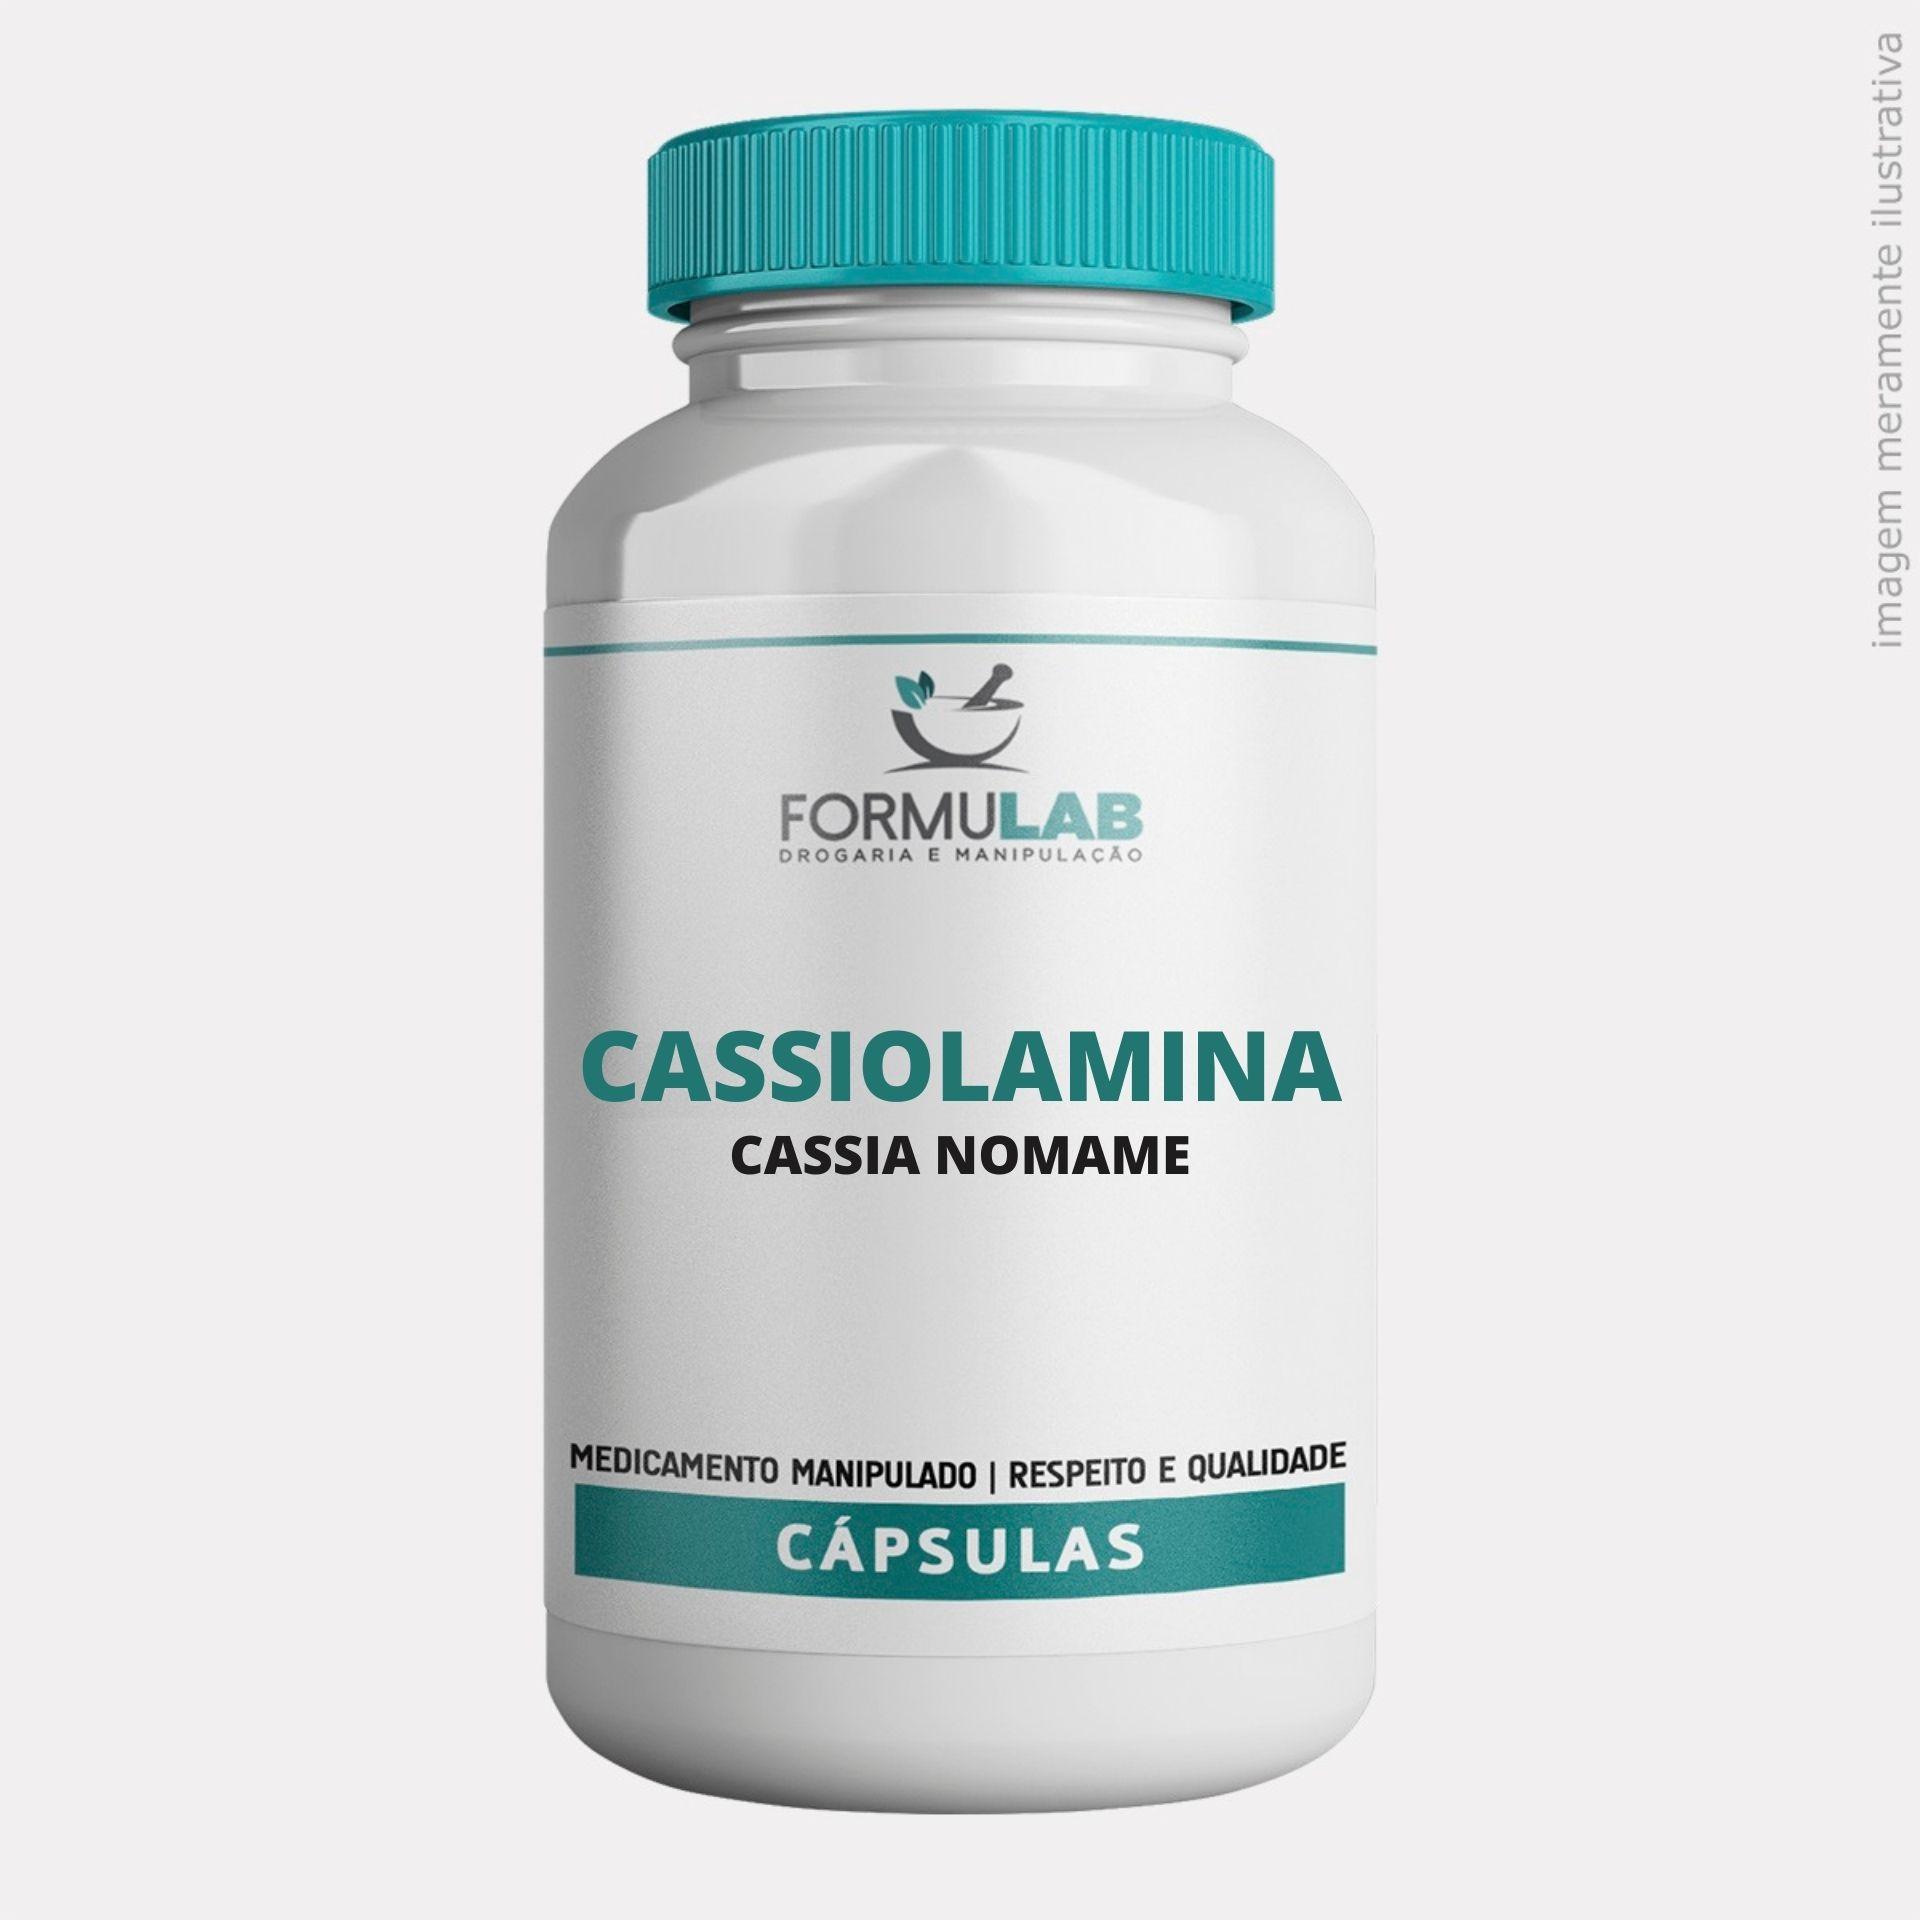 Cassiolamina 500mg - Cassia Nomame